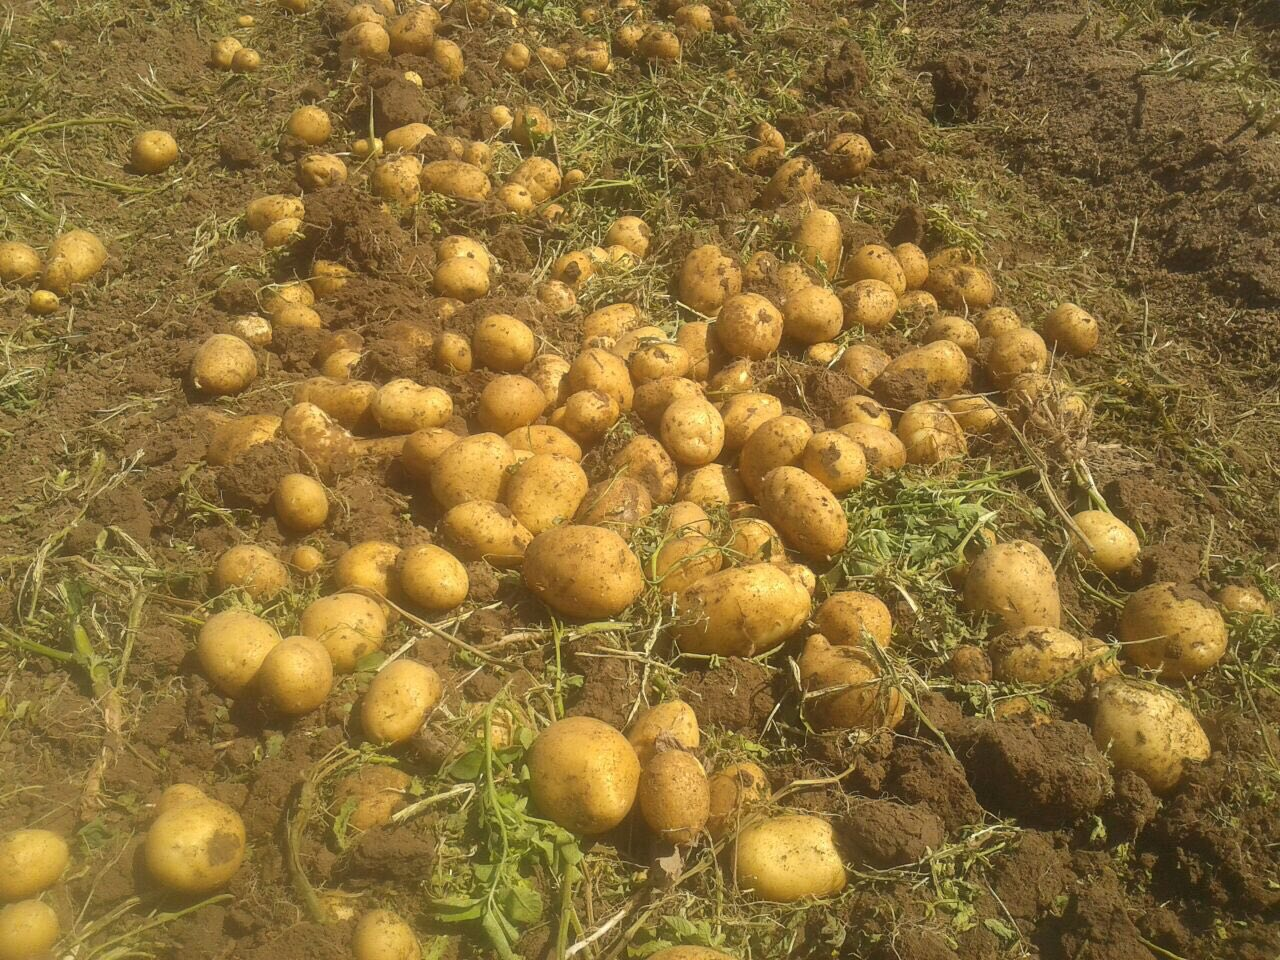 قیمت خرید سیب زمینی